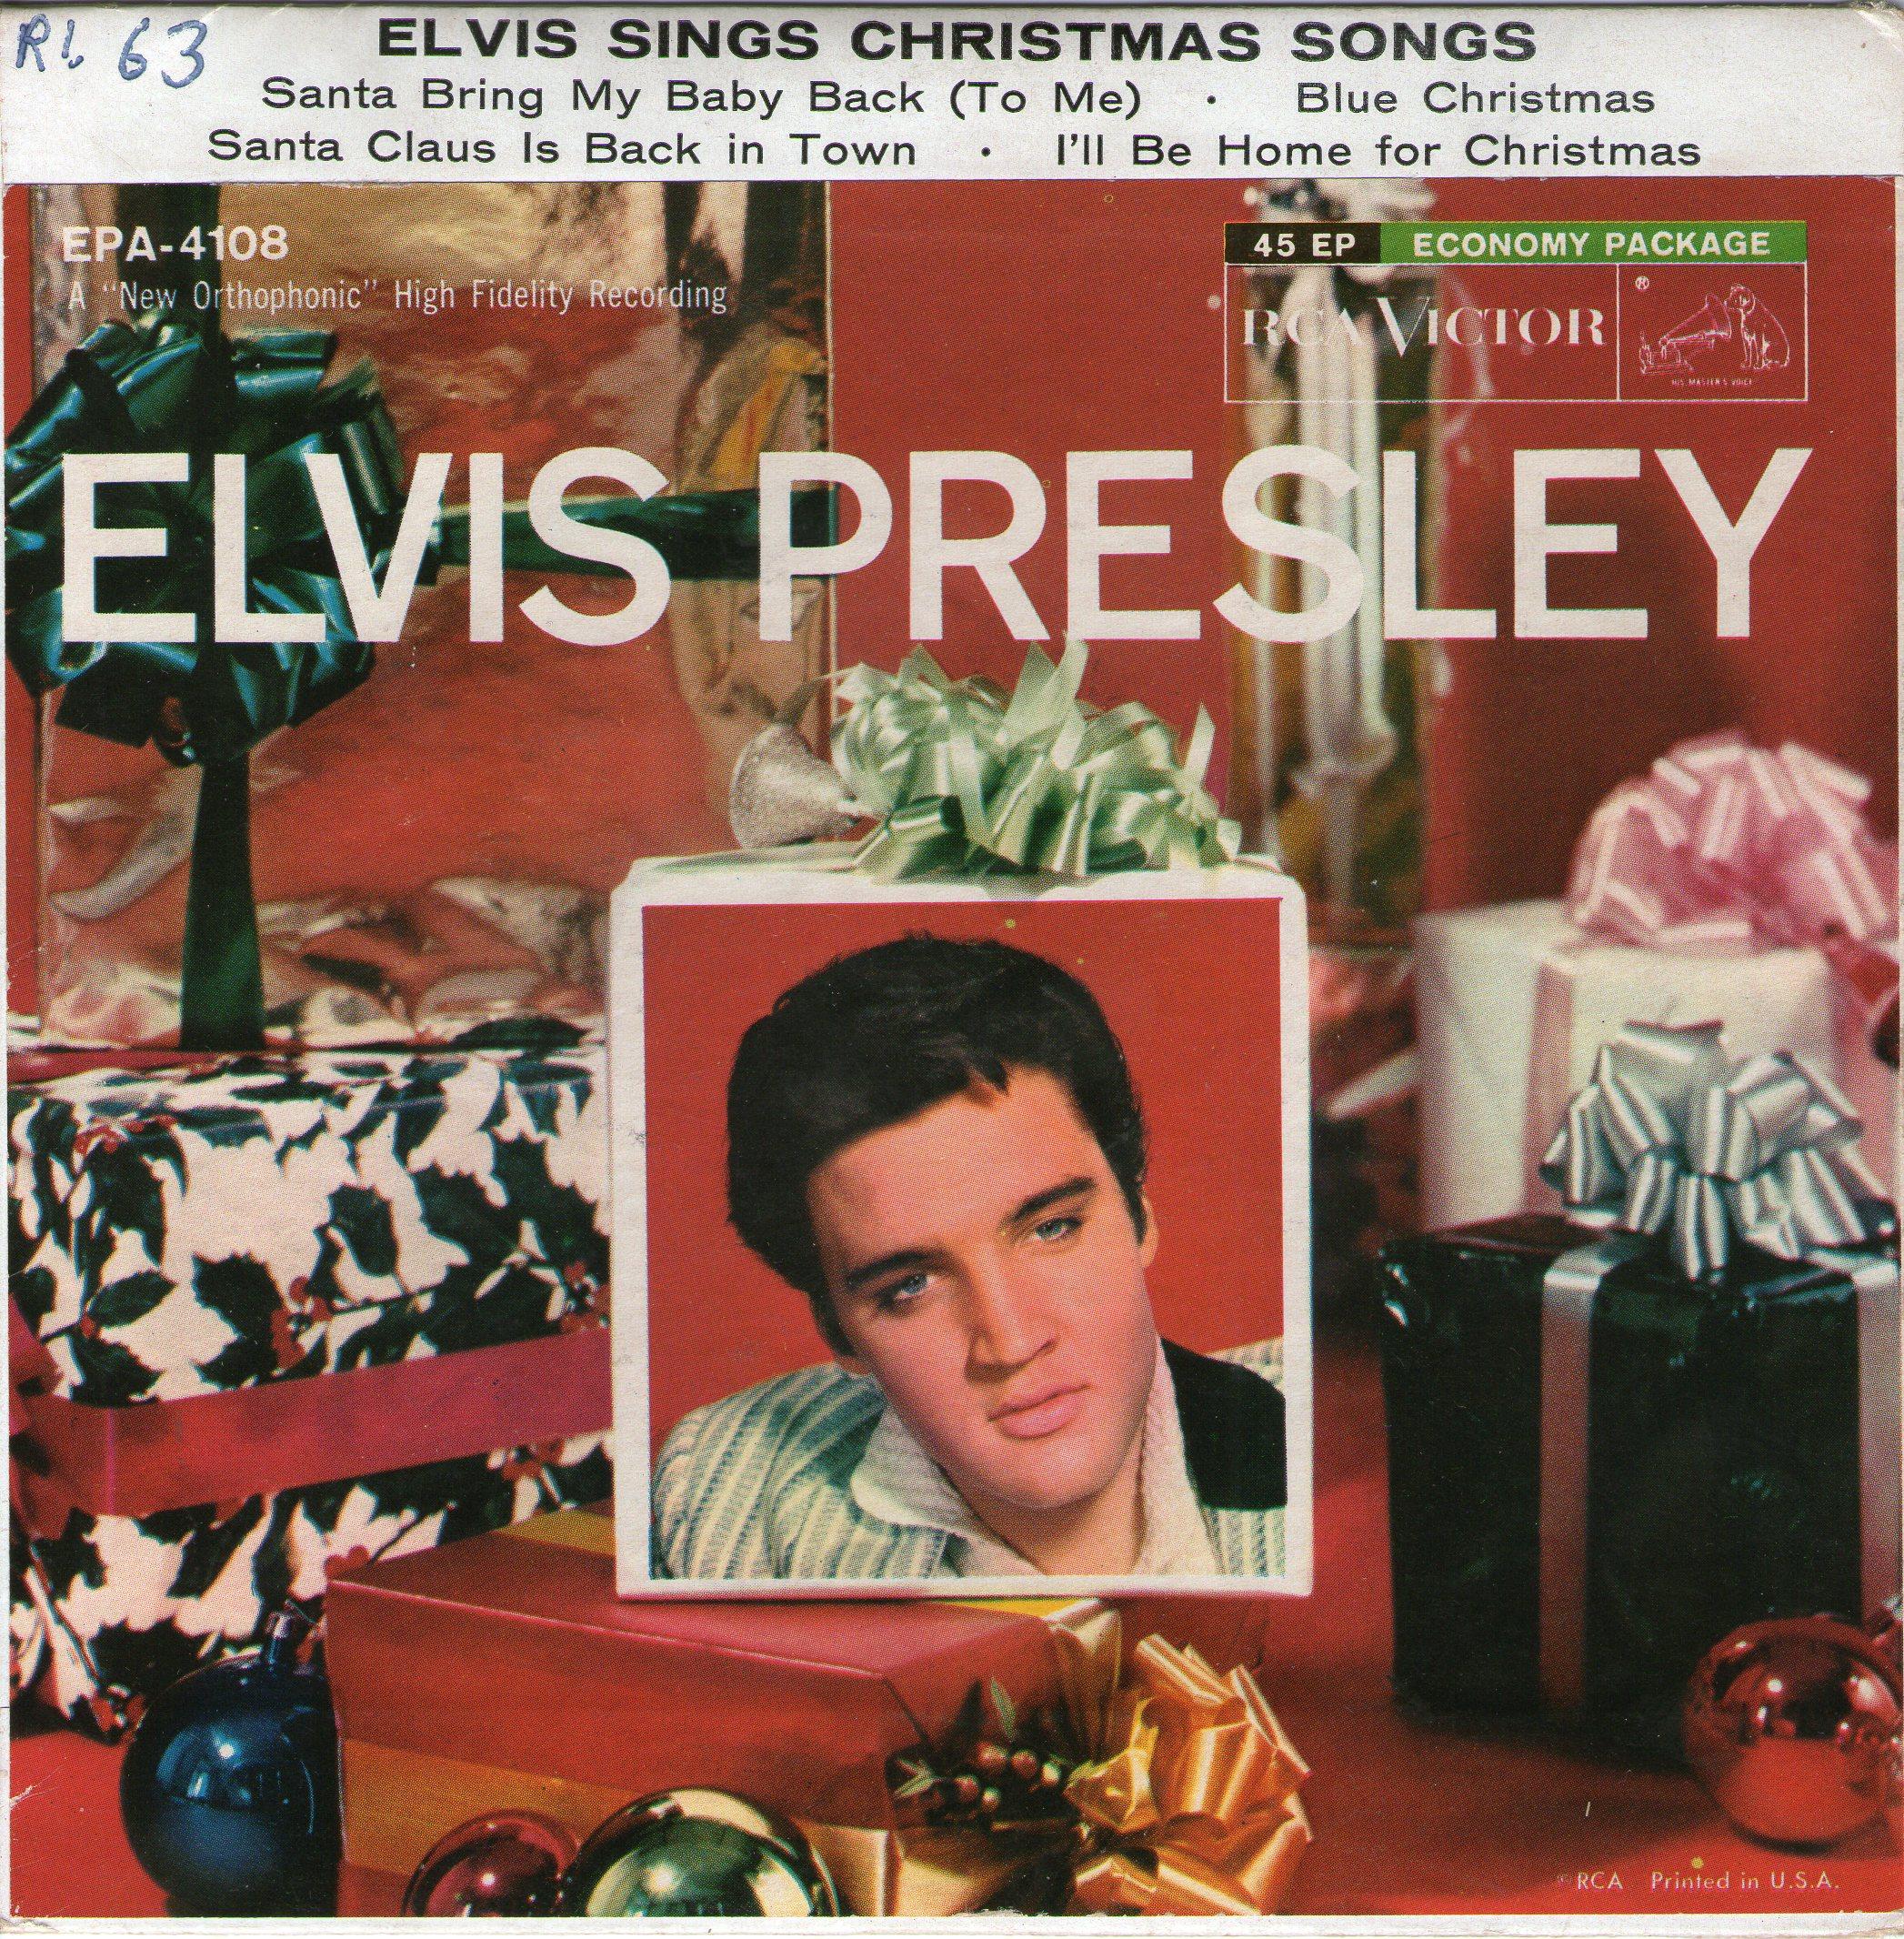 ELVIS SINGS CHRISTMAS SONGS Img329w7qc9